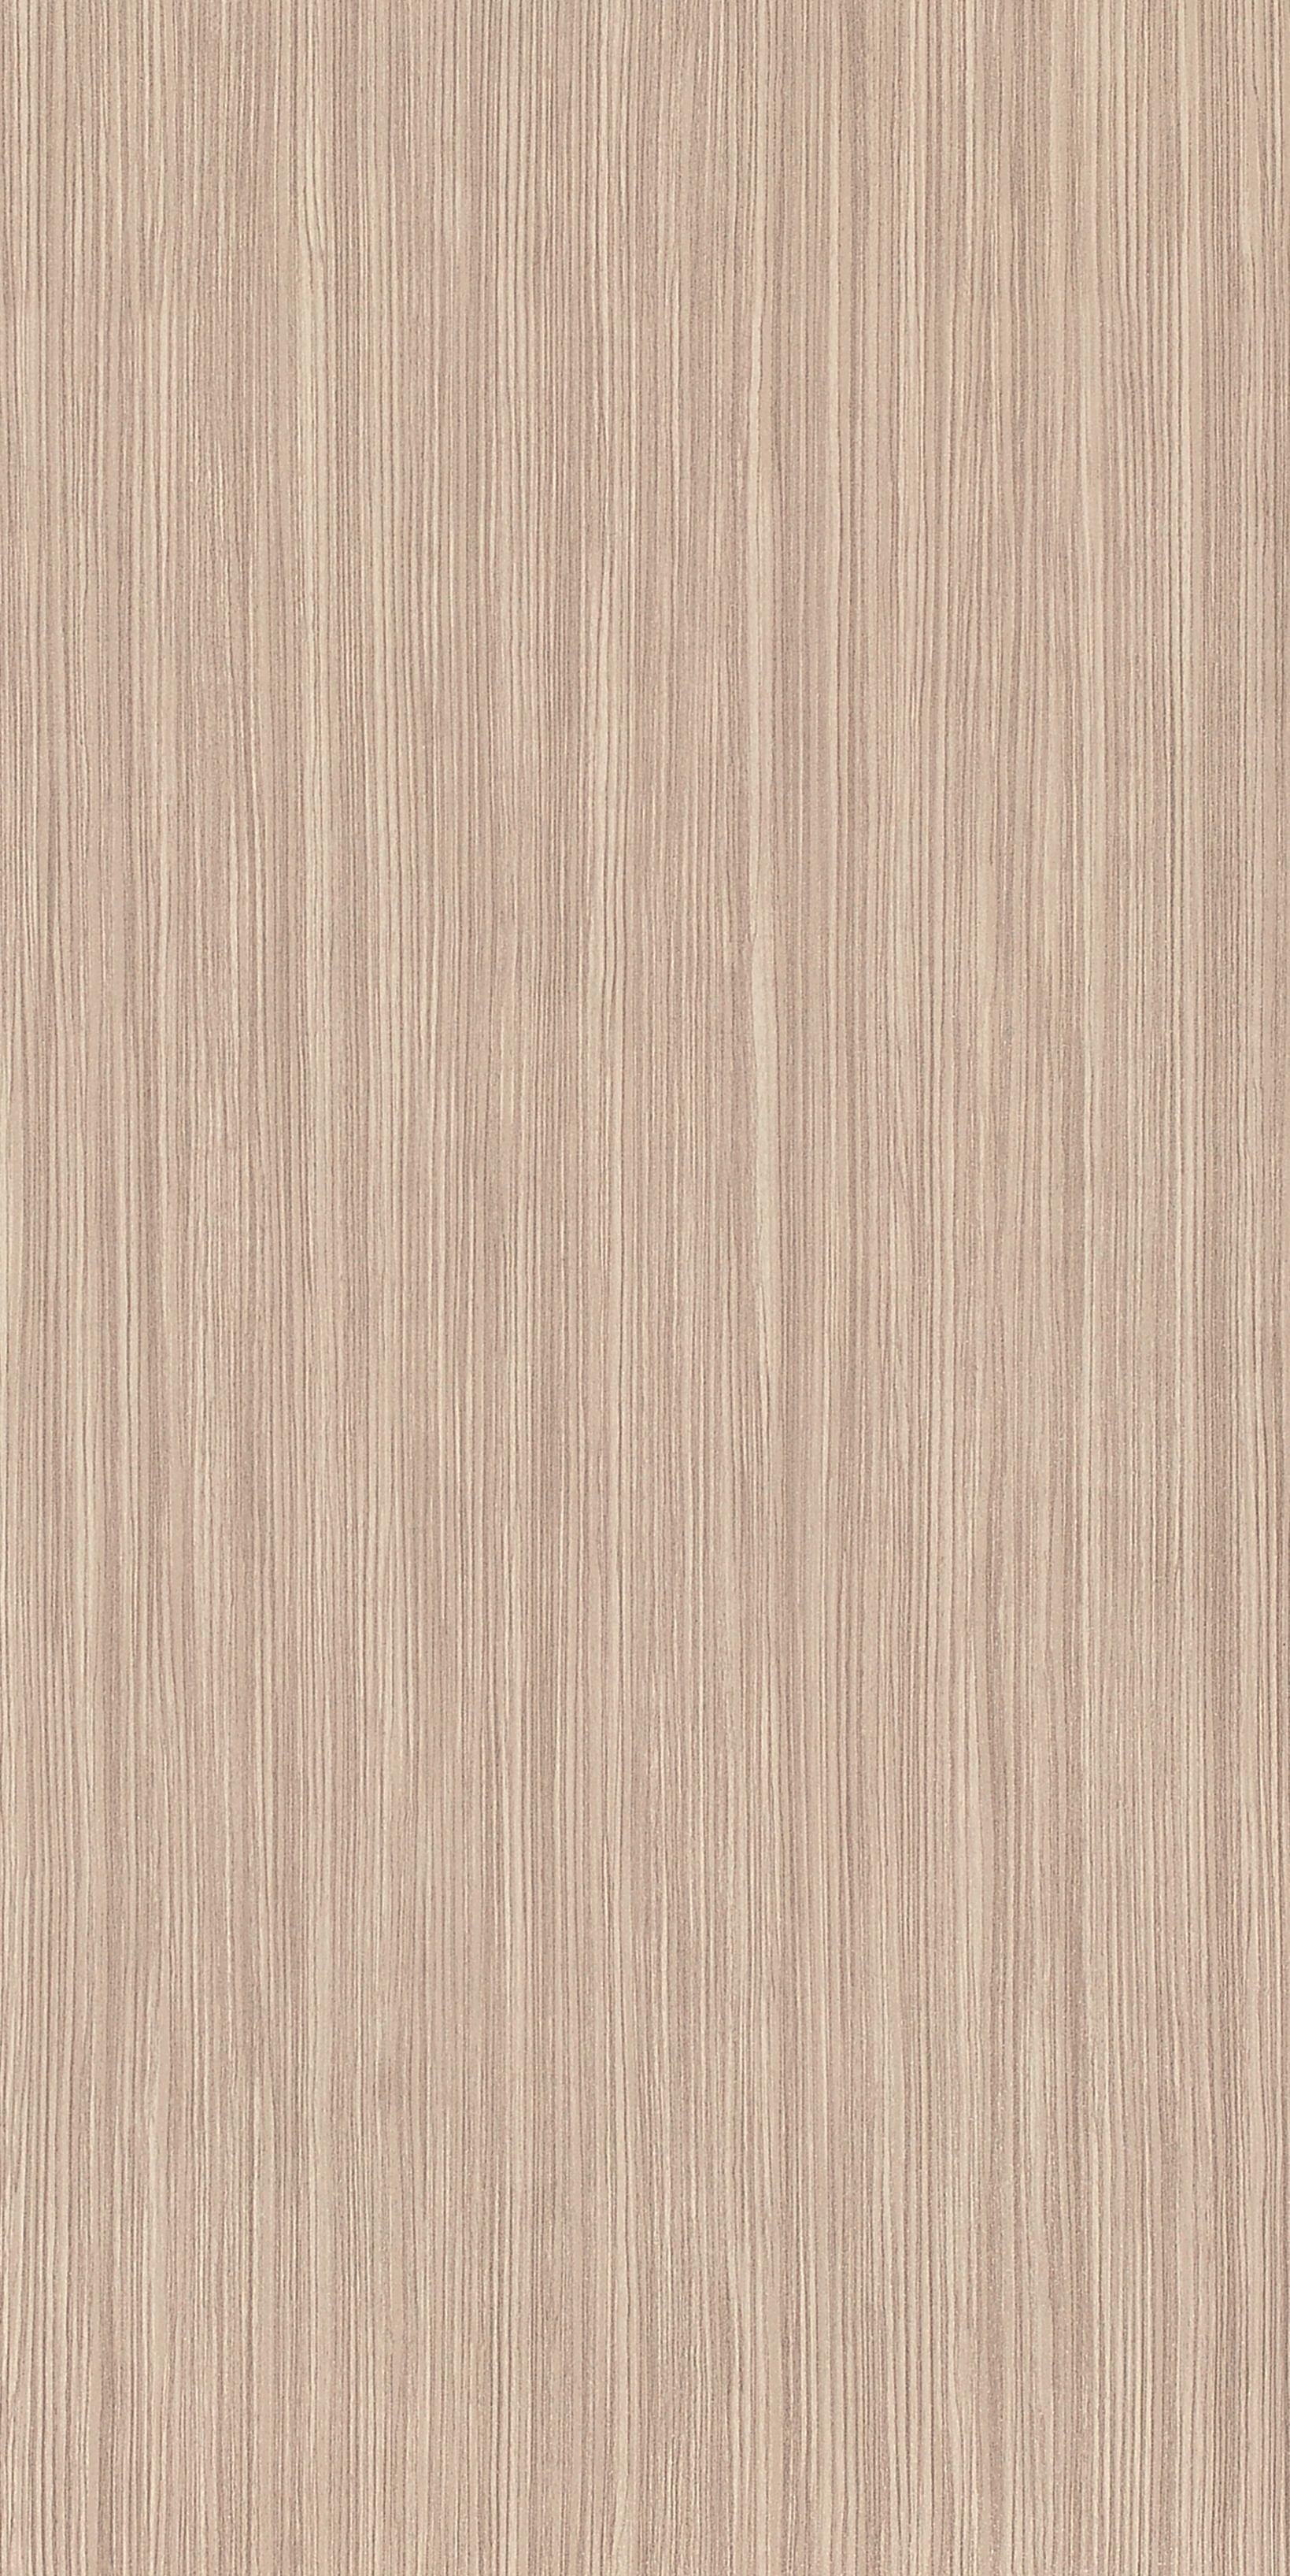 PORC ULTRASLIM 120X60 W1 553116